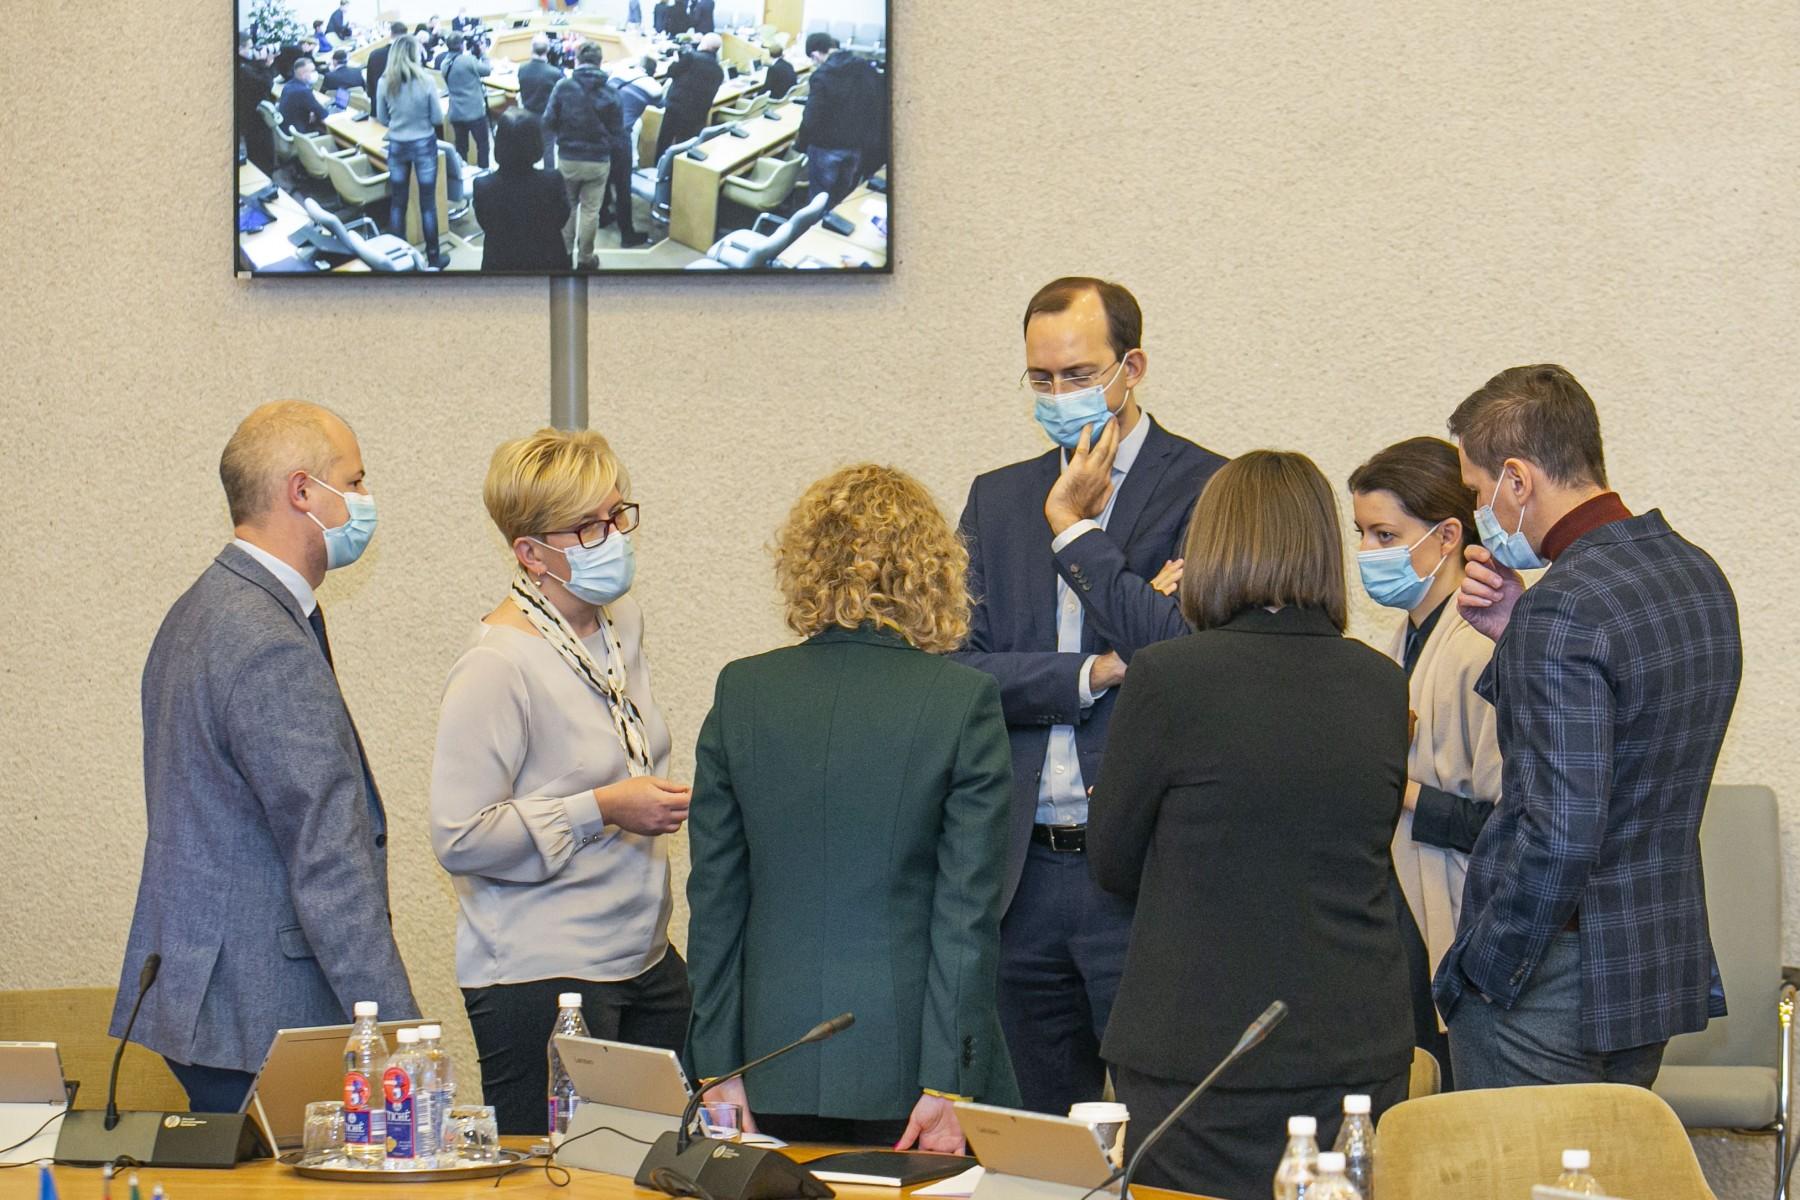 Naujosios Vyriausybės posėdis ir spaudos konferencija dėl karantino  griežtinimo – Kas vyksta Kaune